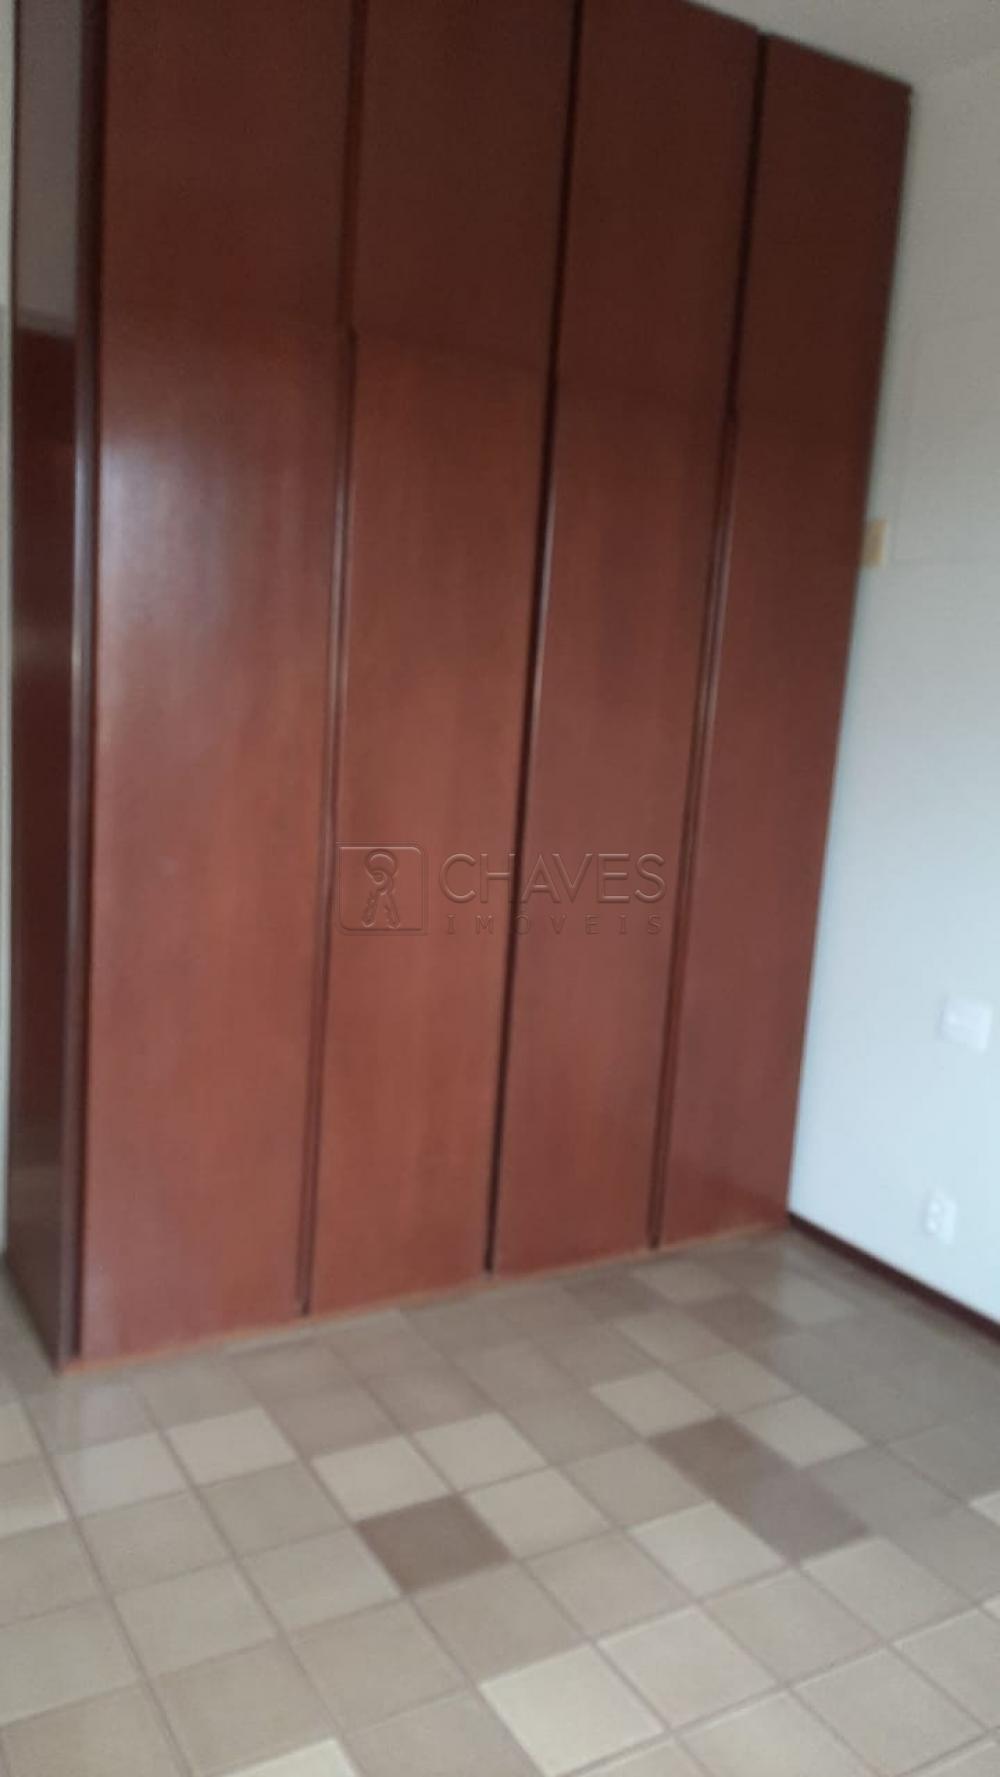 Comprar Apartamento / Padrão em Ribeirão Preto apenas R$ 420.000,00 - Foto 6